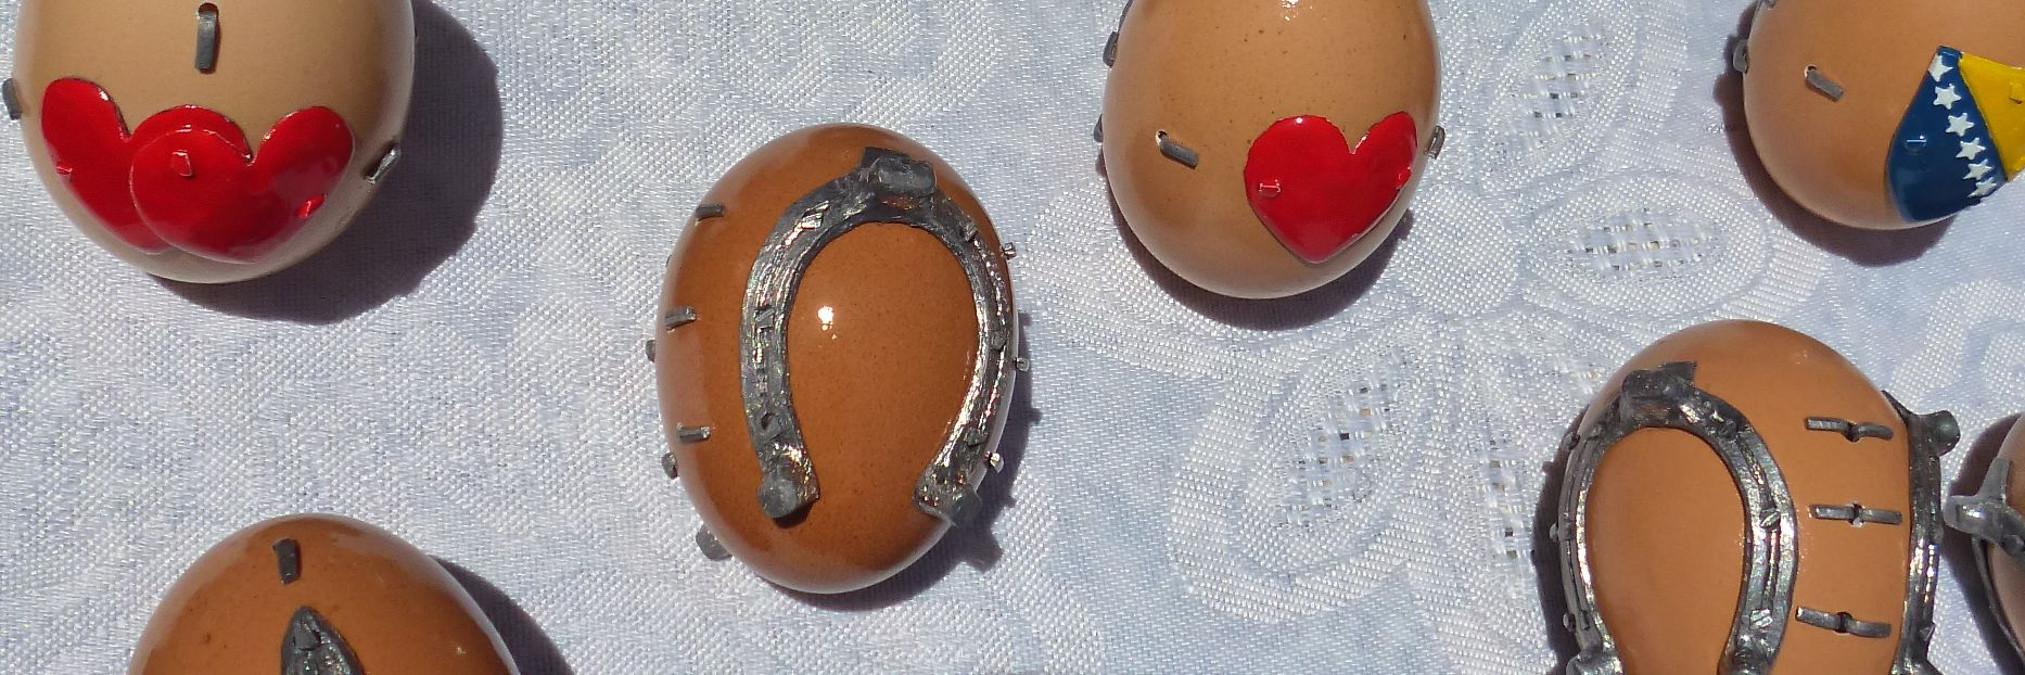 Подкованные яйца из Крешево